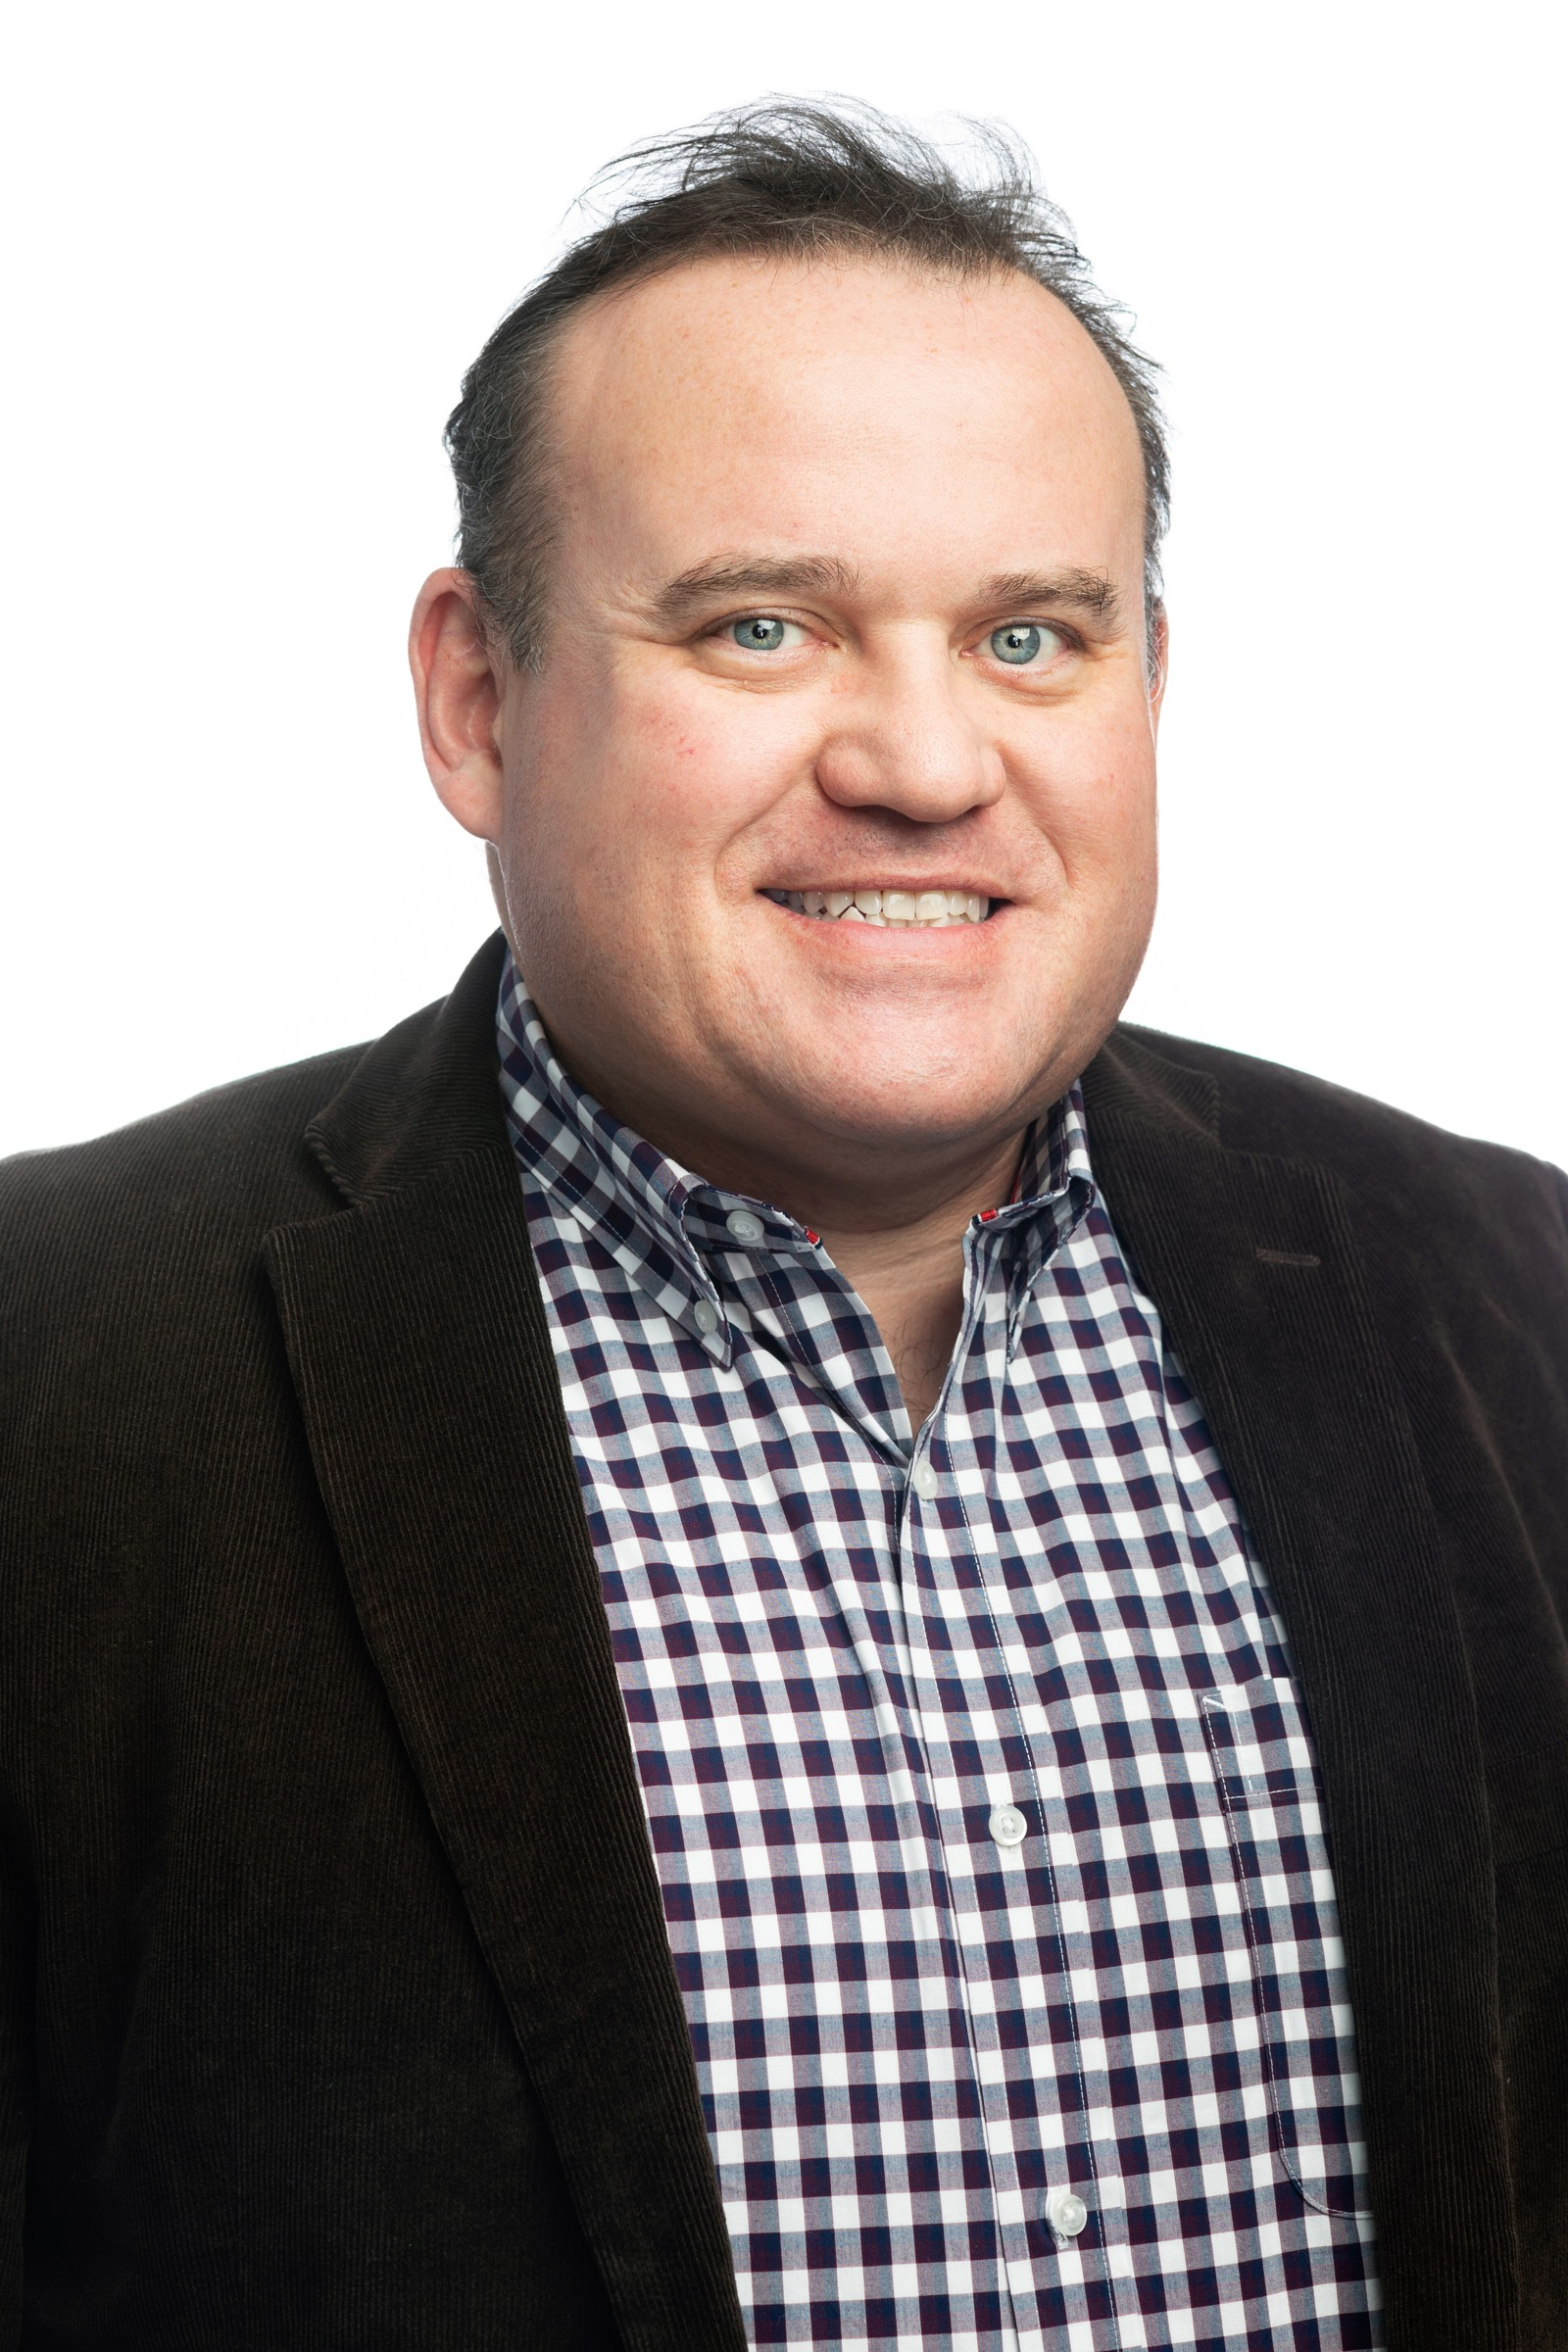 John Gosselin